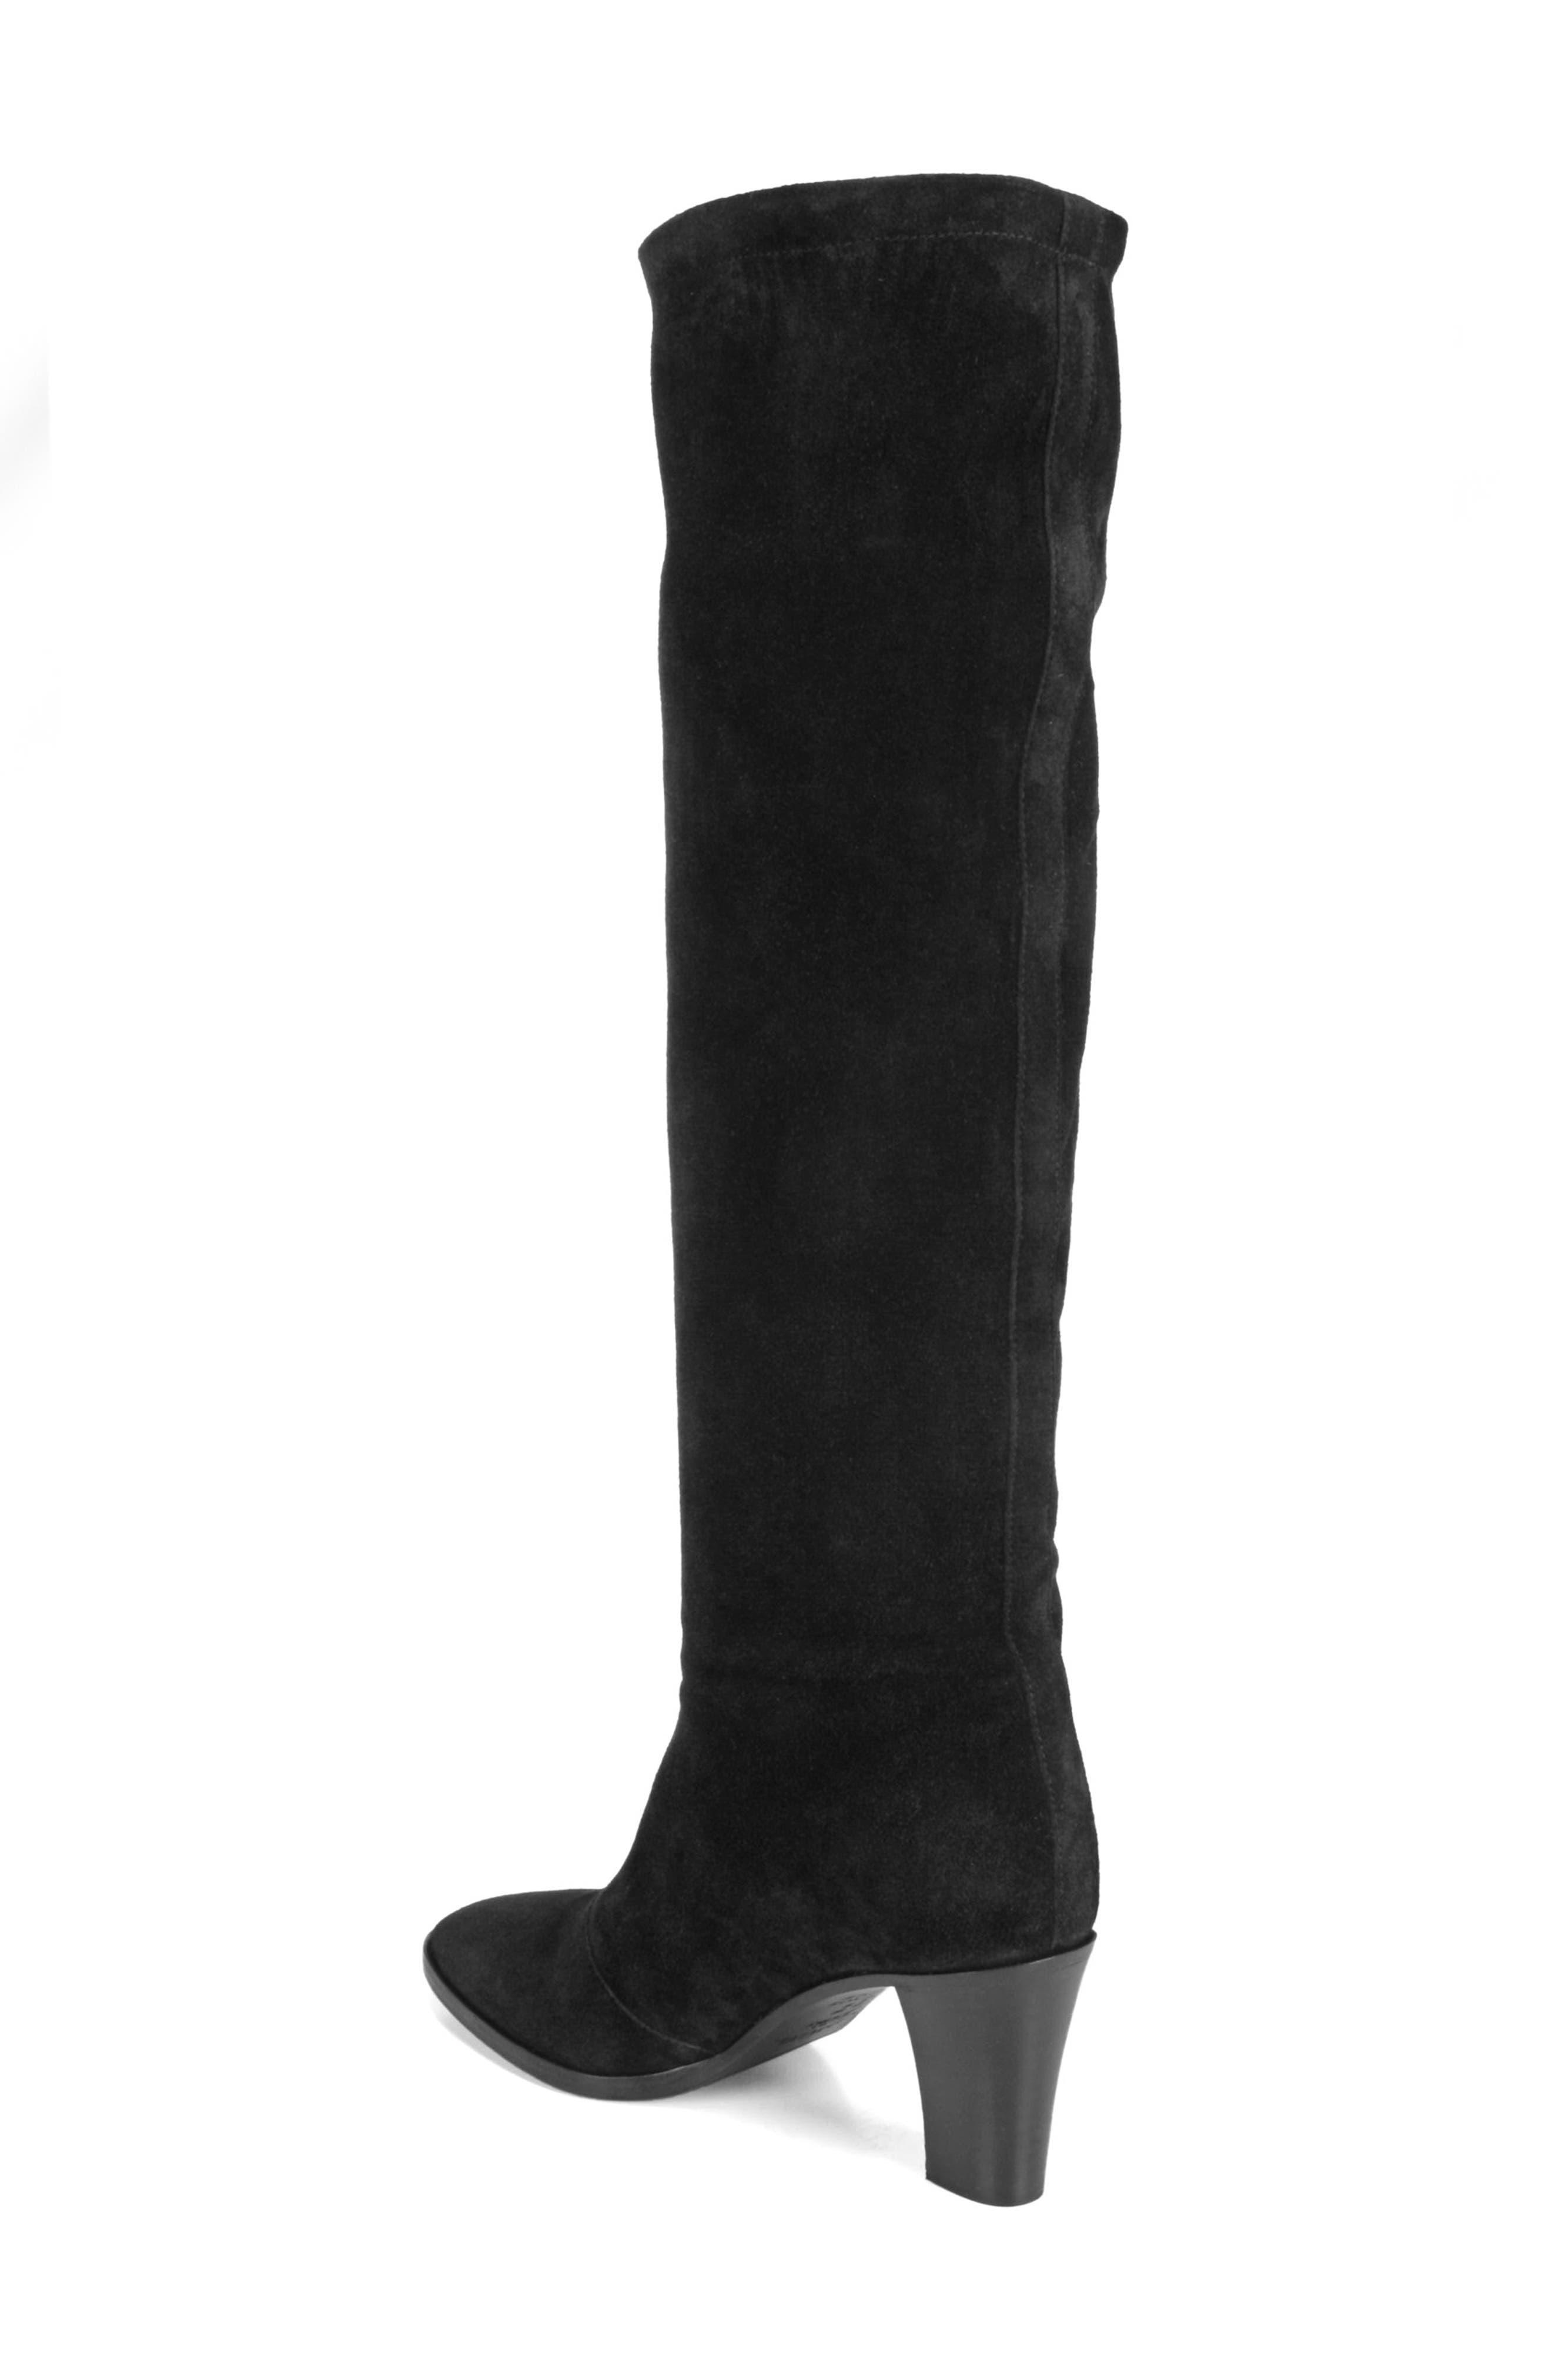 Casper Knee High Pull-On Boot,                             Alternate thumbnail 2, color,                             BLACK